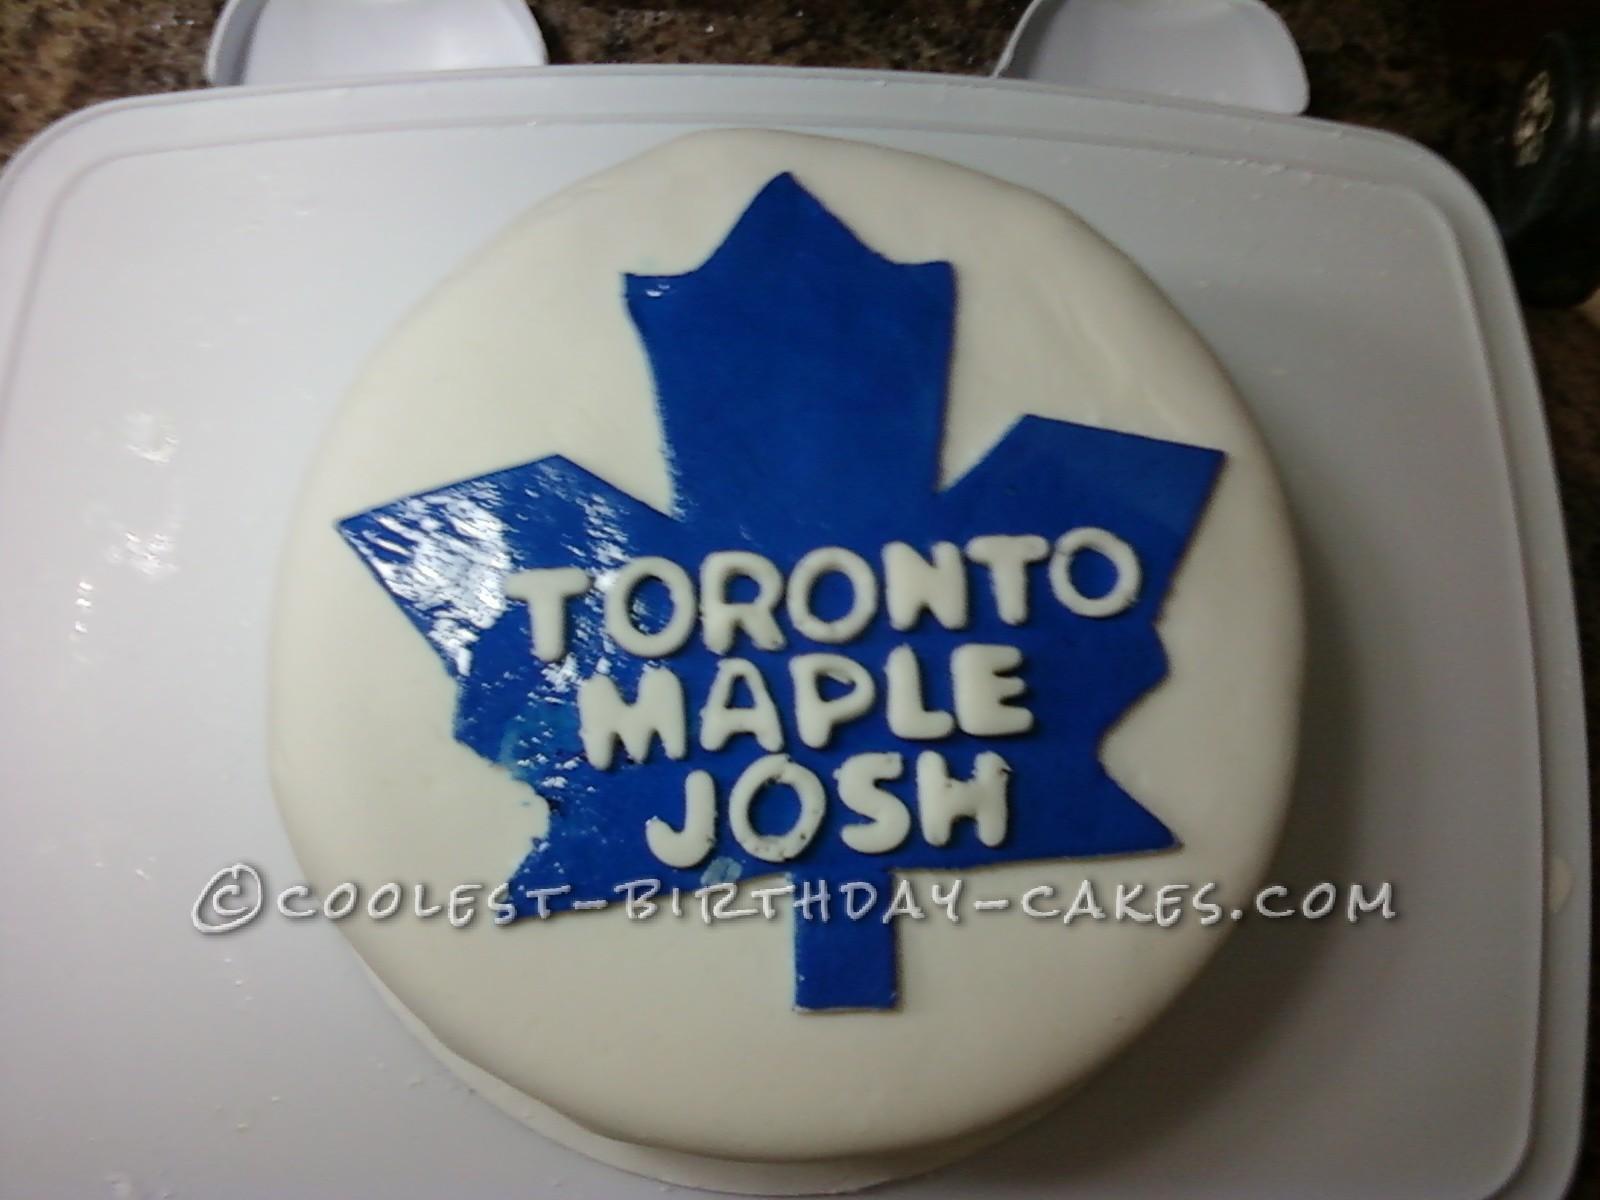 Coolest Toronto Maple Leafs Fan Cake